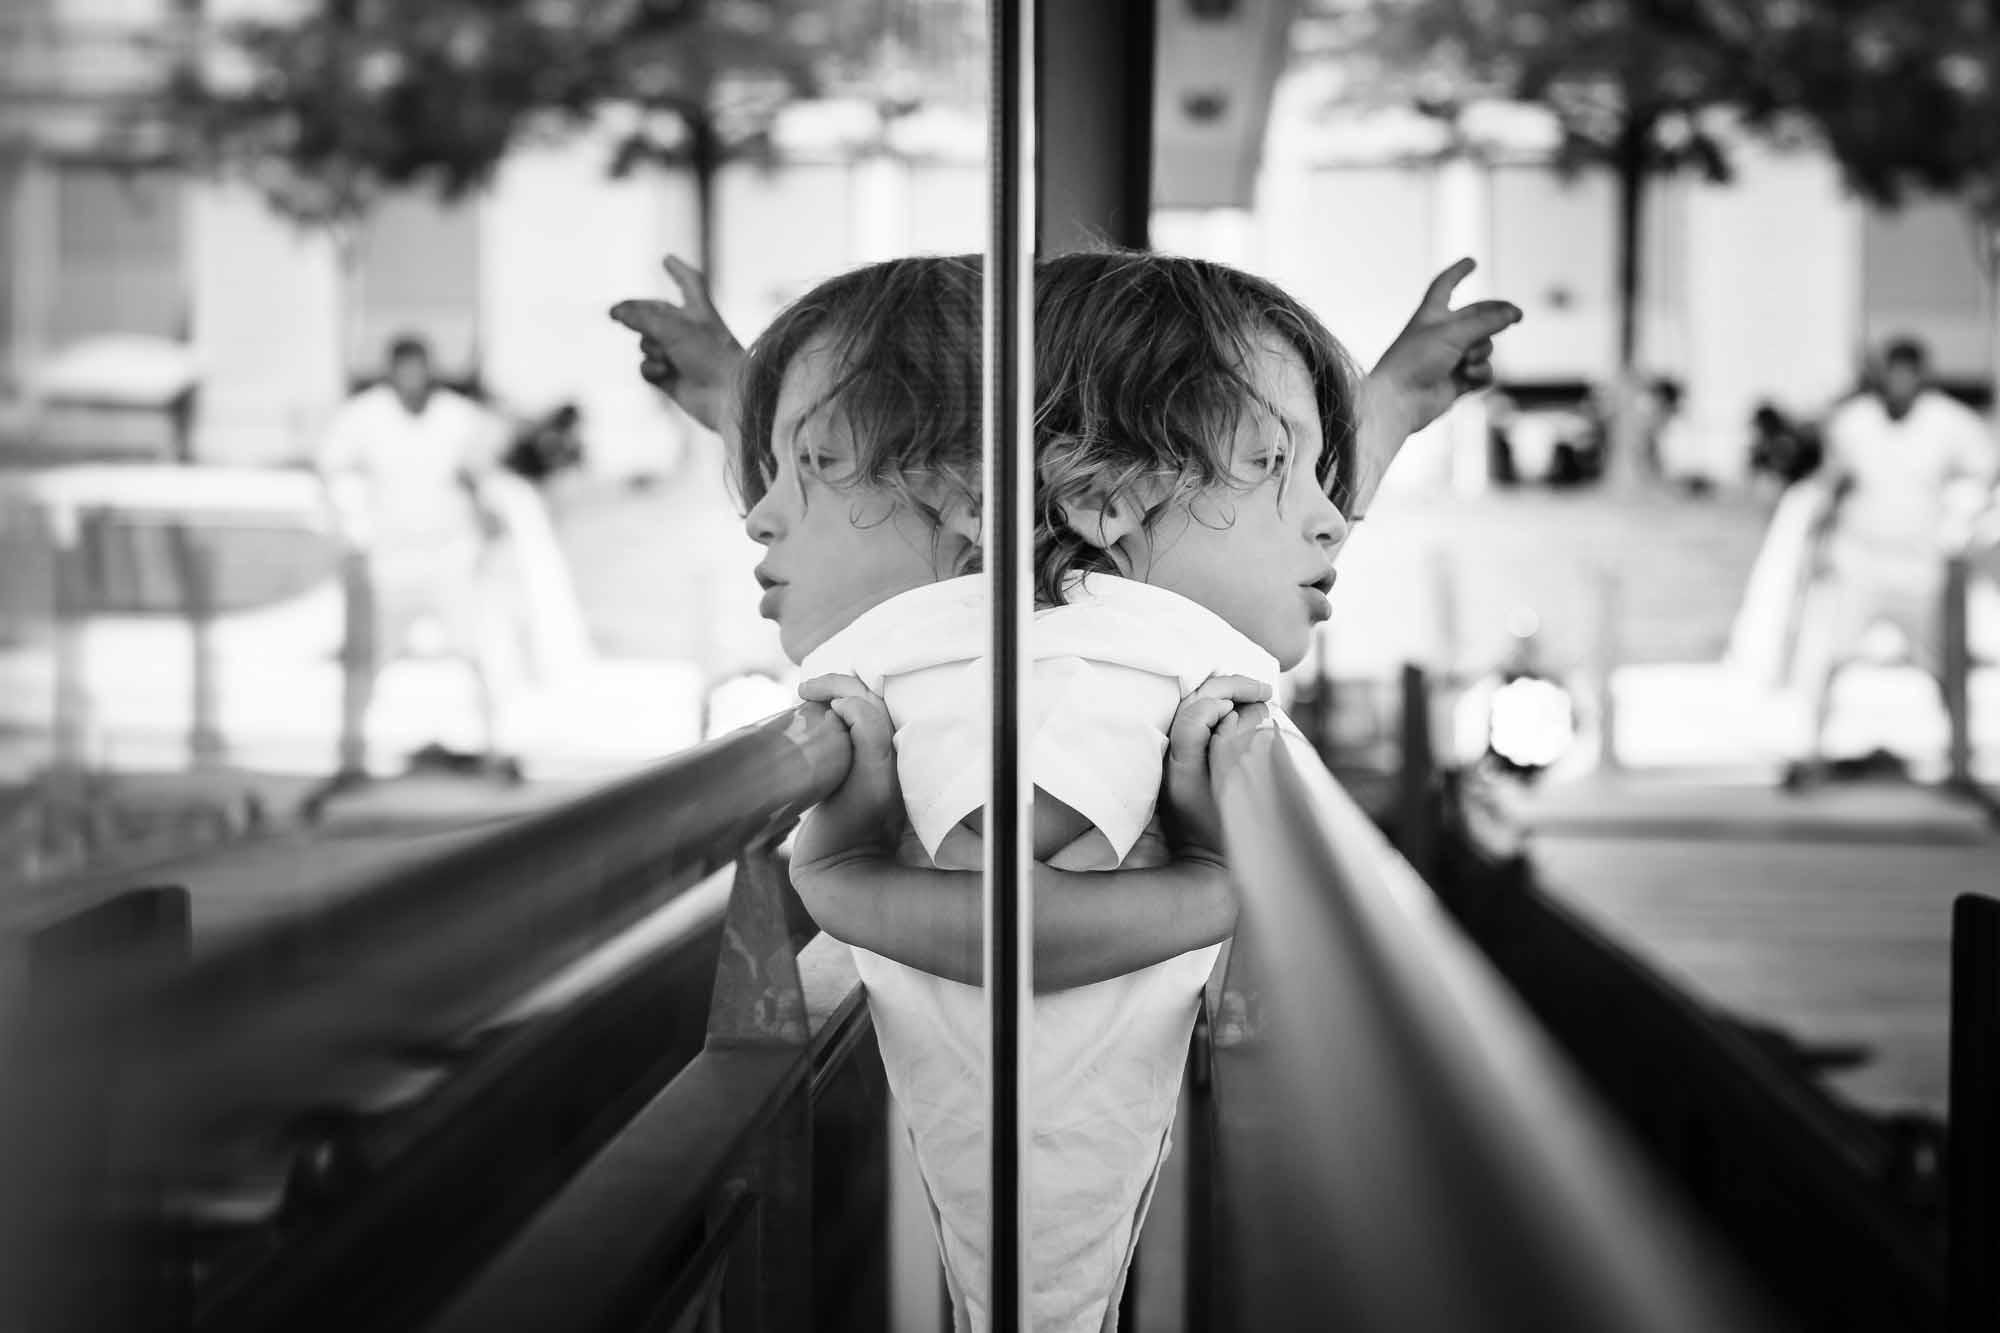 Junge im Spiegelbild des Schiffs